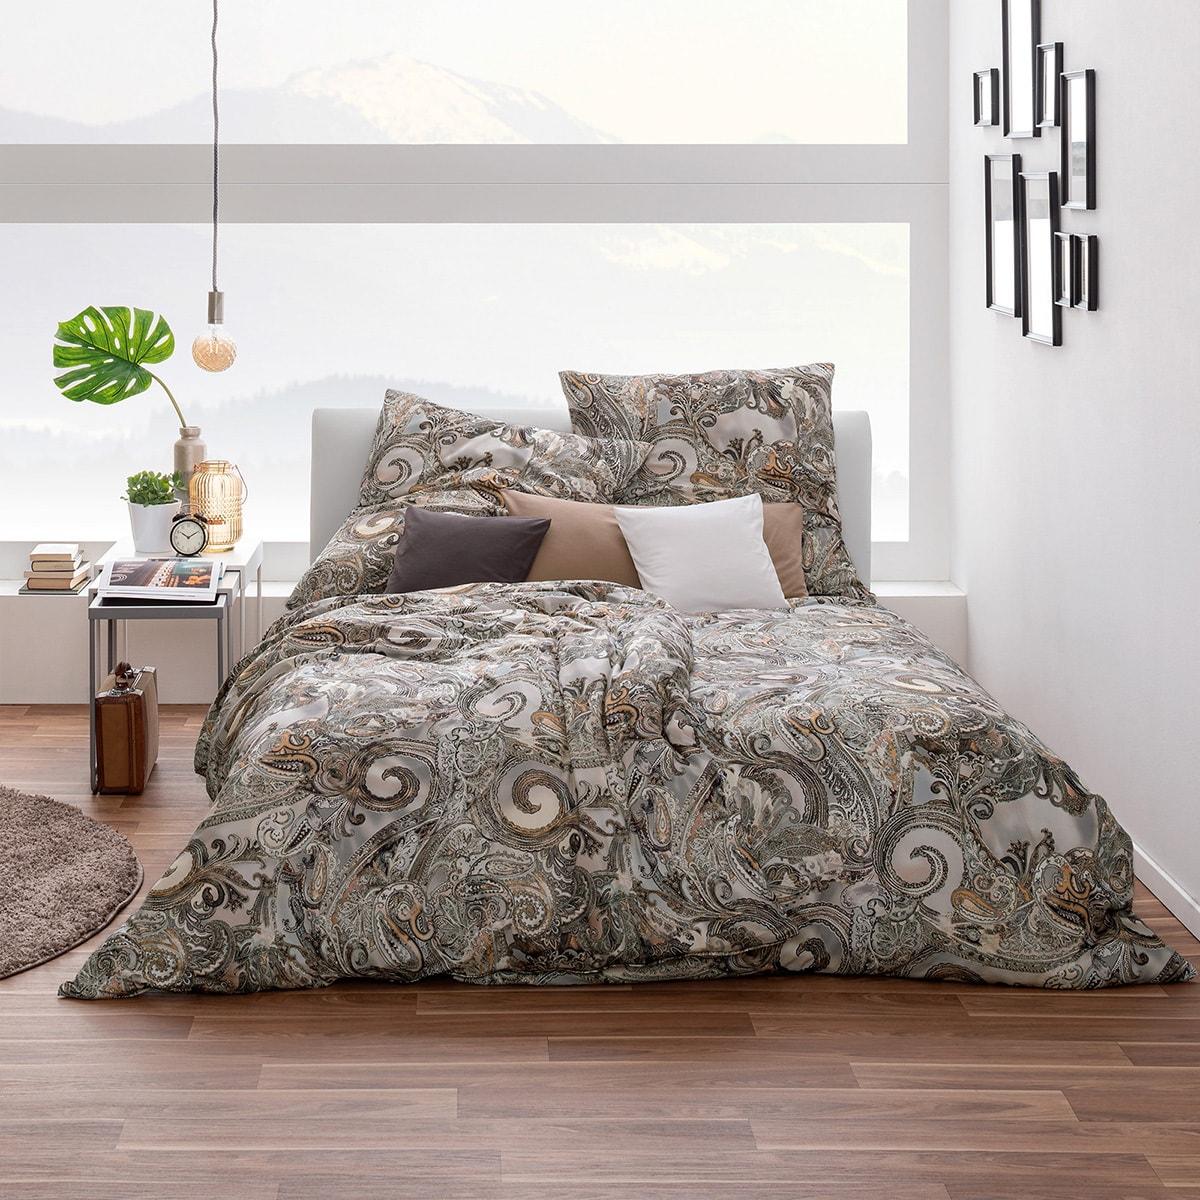 Interlock Jersey Bettwäsche 135 X 200 Möbel Roller Schlafzimmer